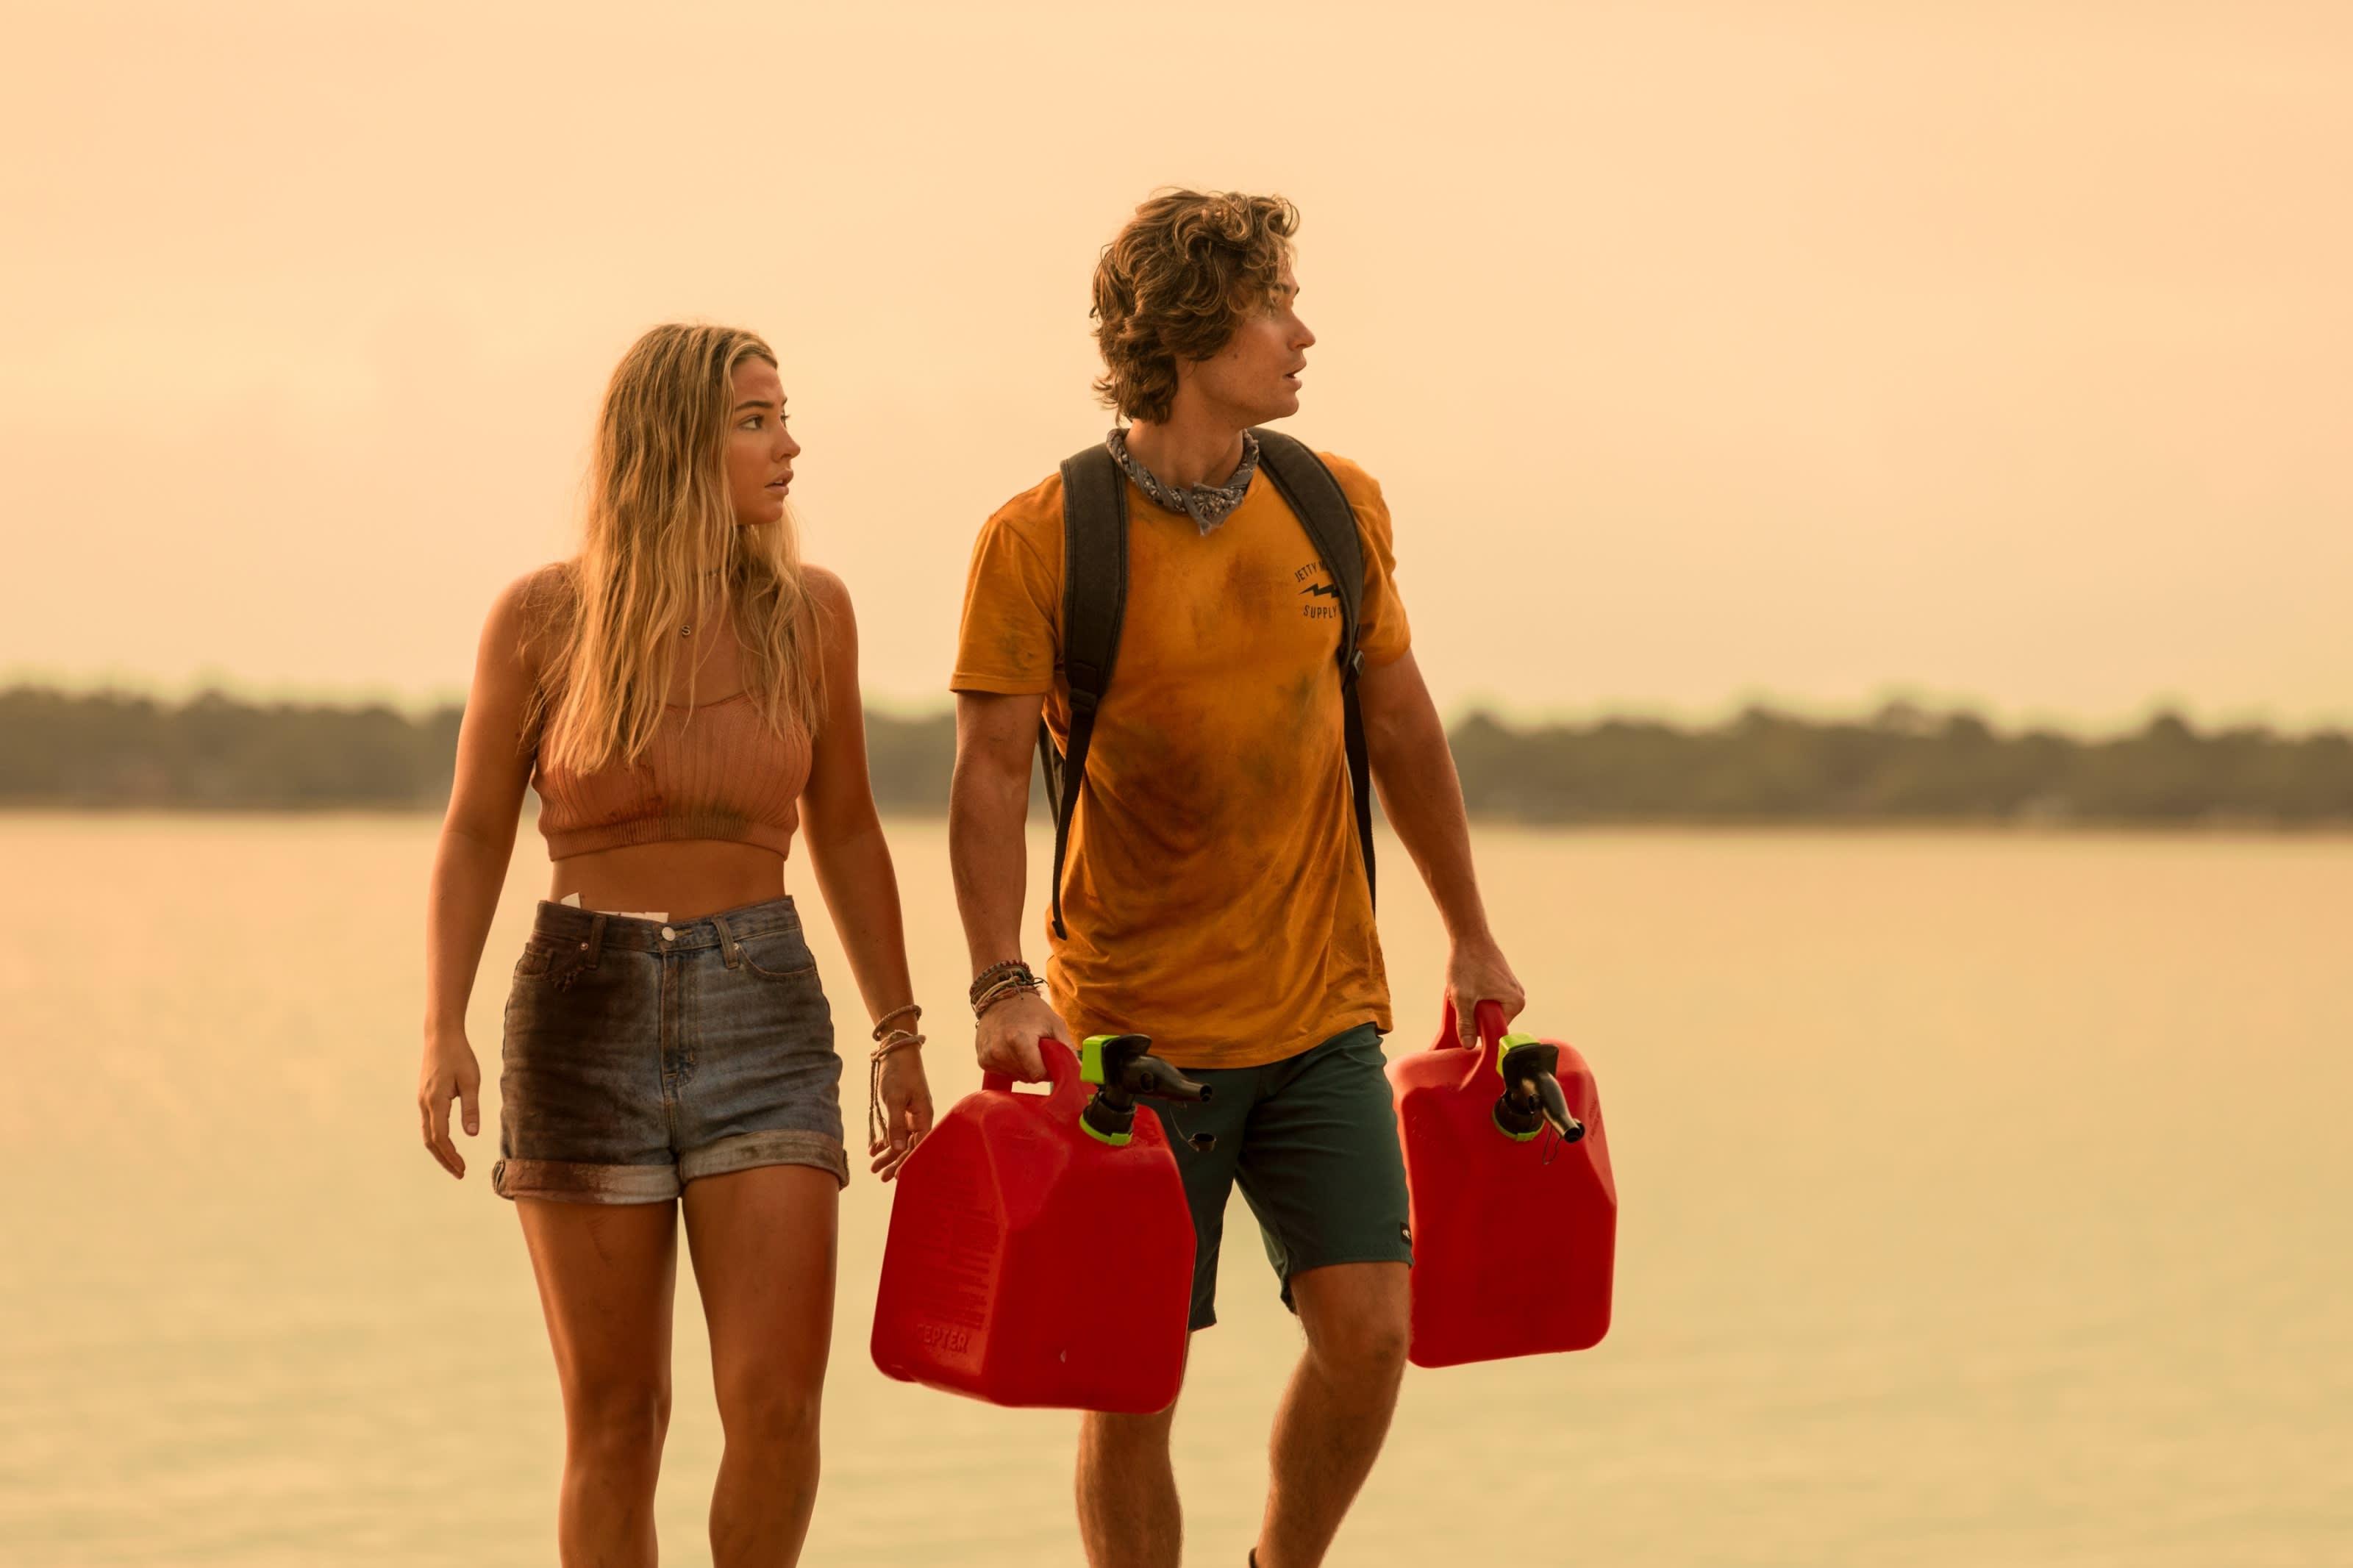 Netflix Top Shows 2021 - 2da edición Tiempo de lanzamiento de Outer Banks - ¿Se romperán John B y Sarah en Outer Banks?